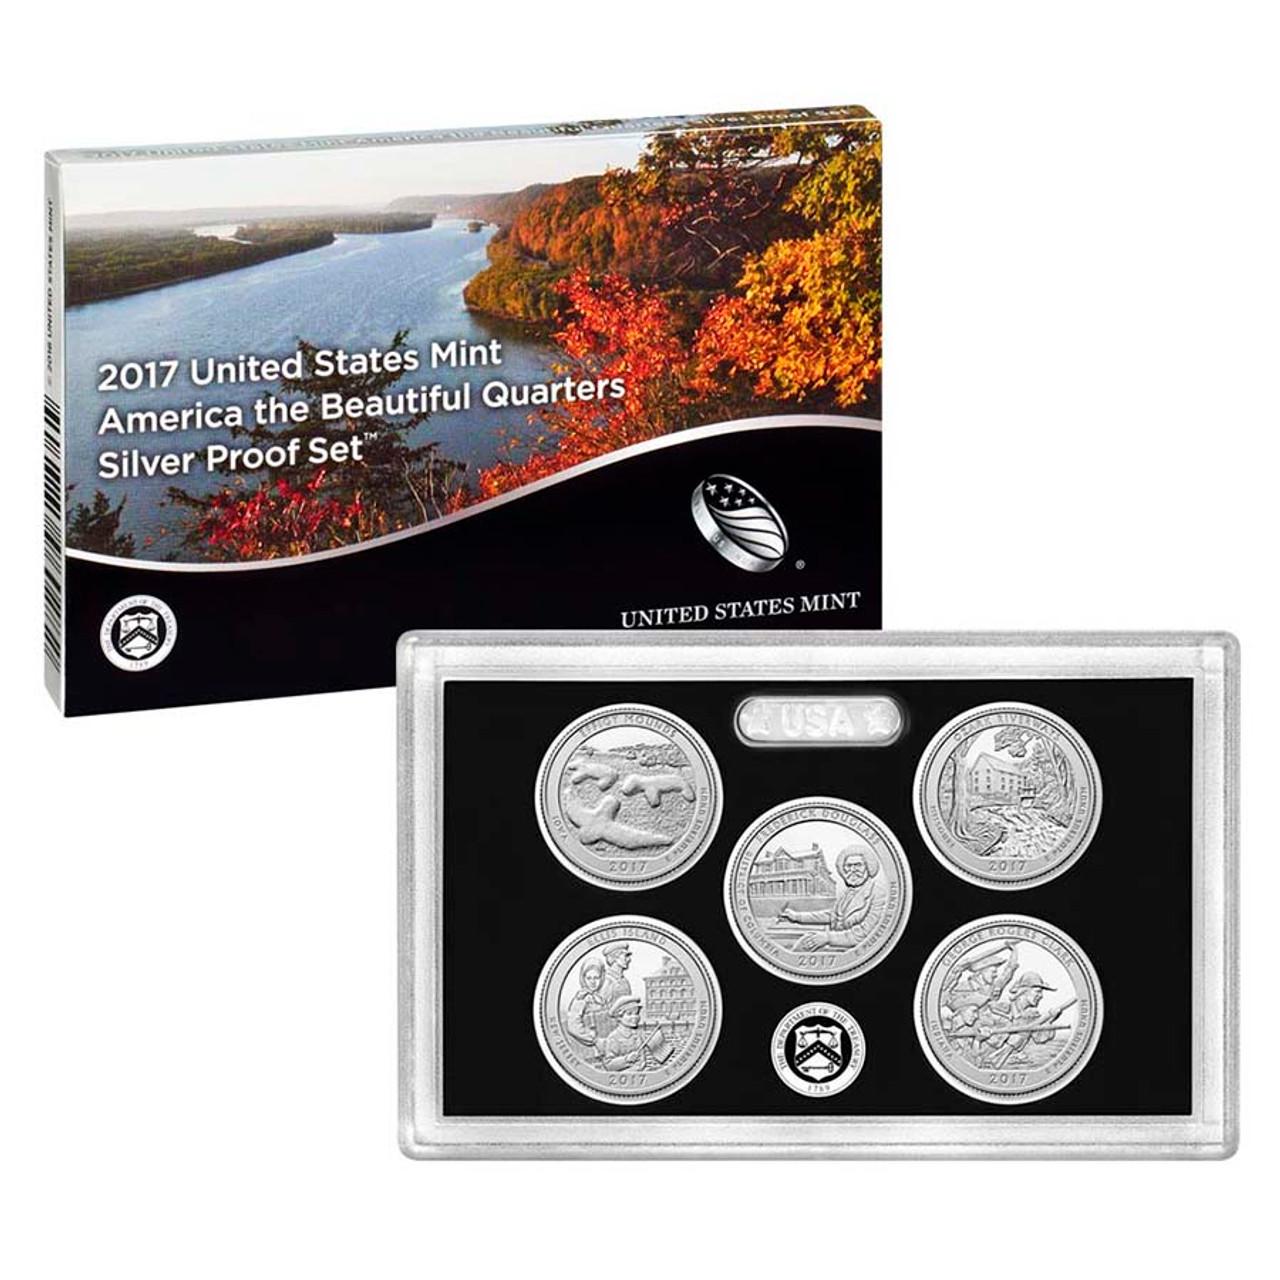 2017 National Parks Silver Quarter Proof Set 5 Coins Image 1